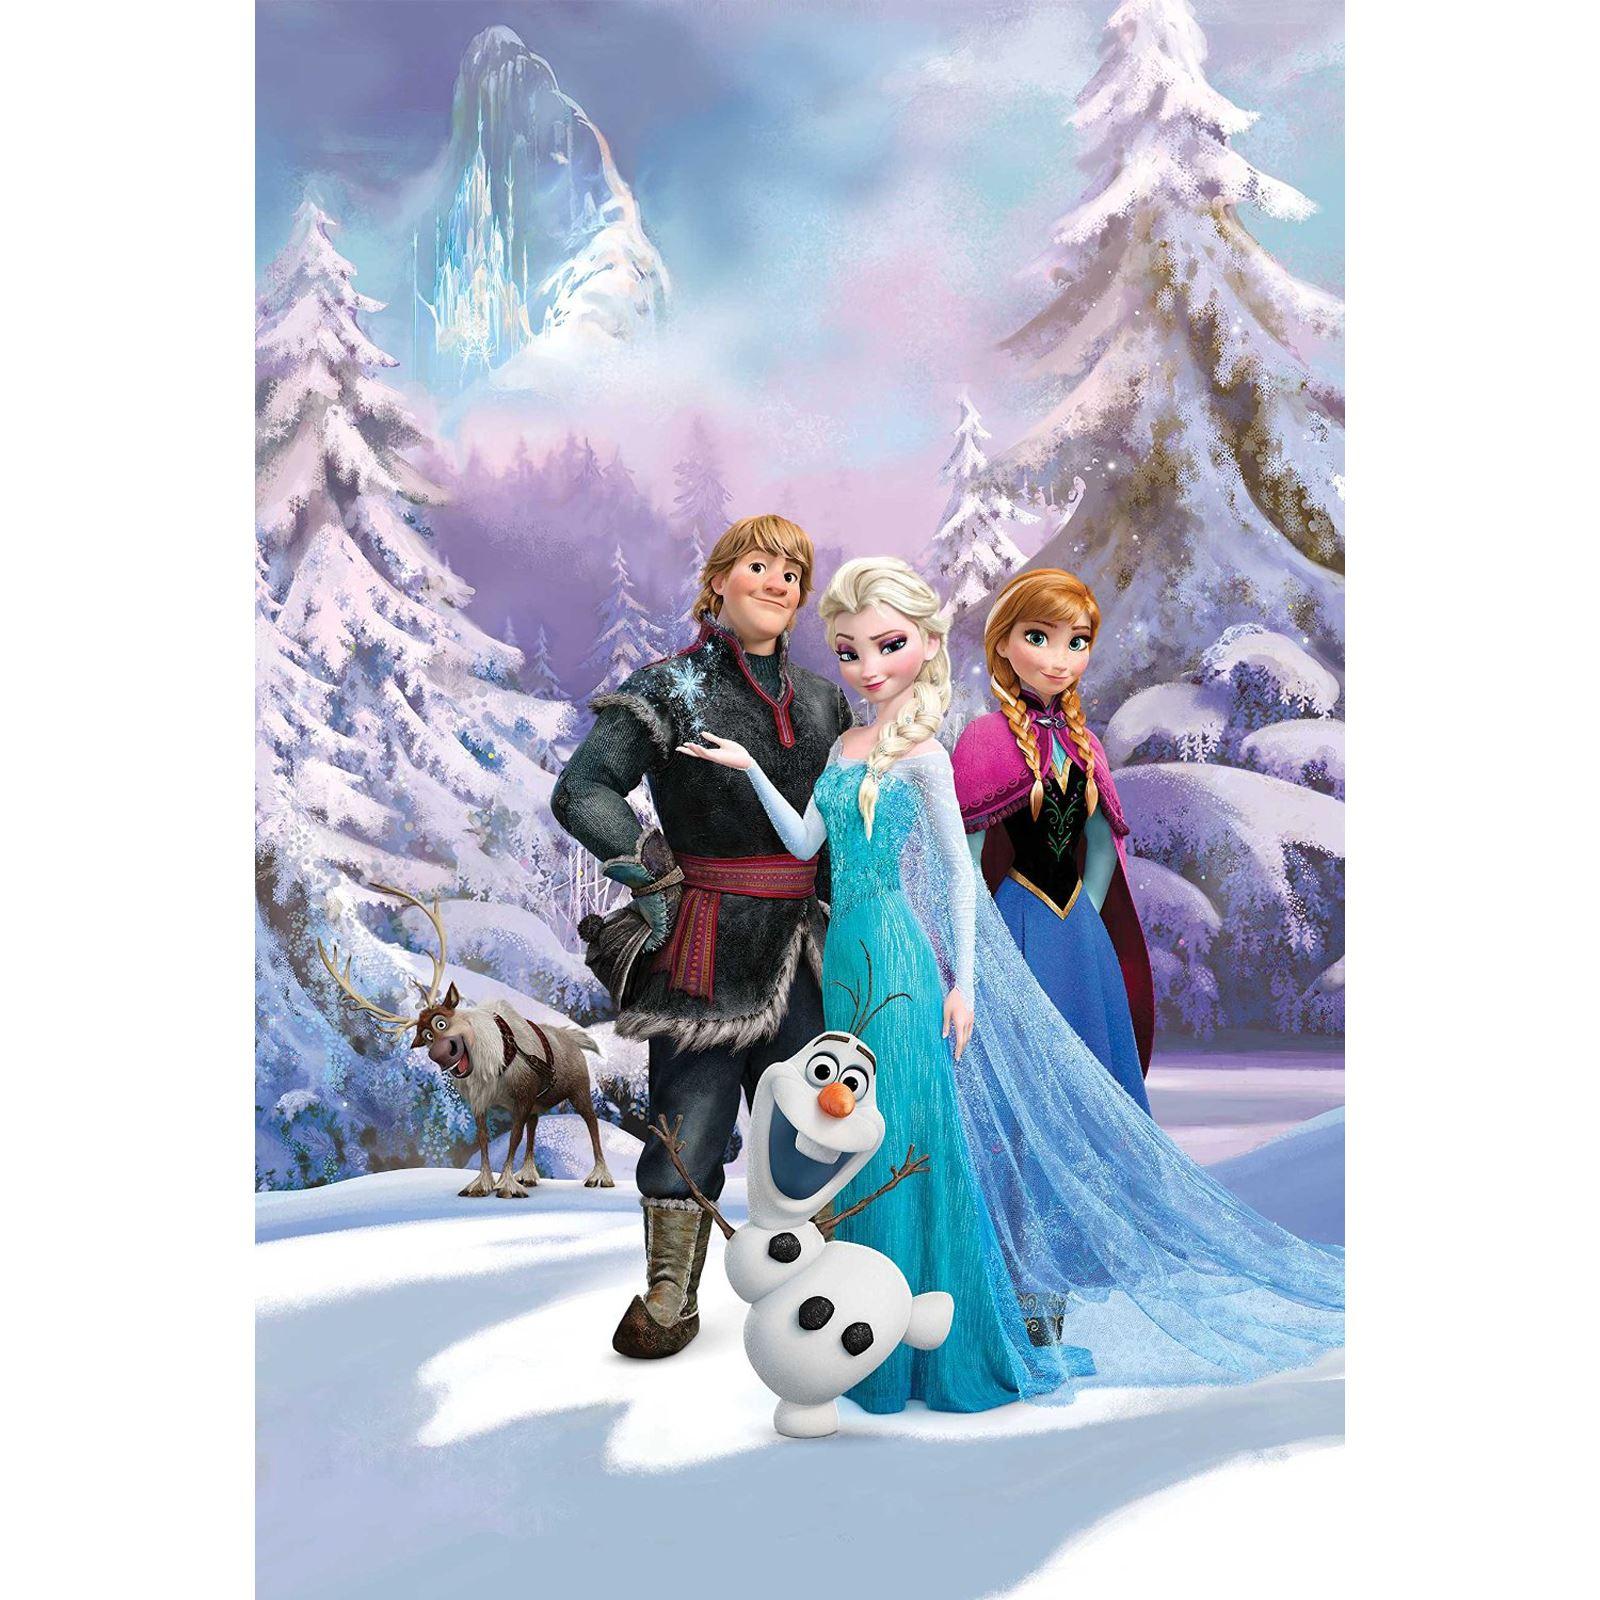 disney princess & frozen wallpaper murals – anna, elsa, cinderella